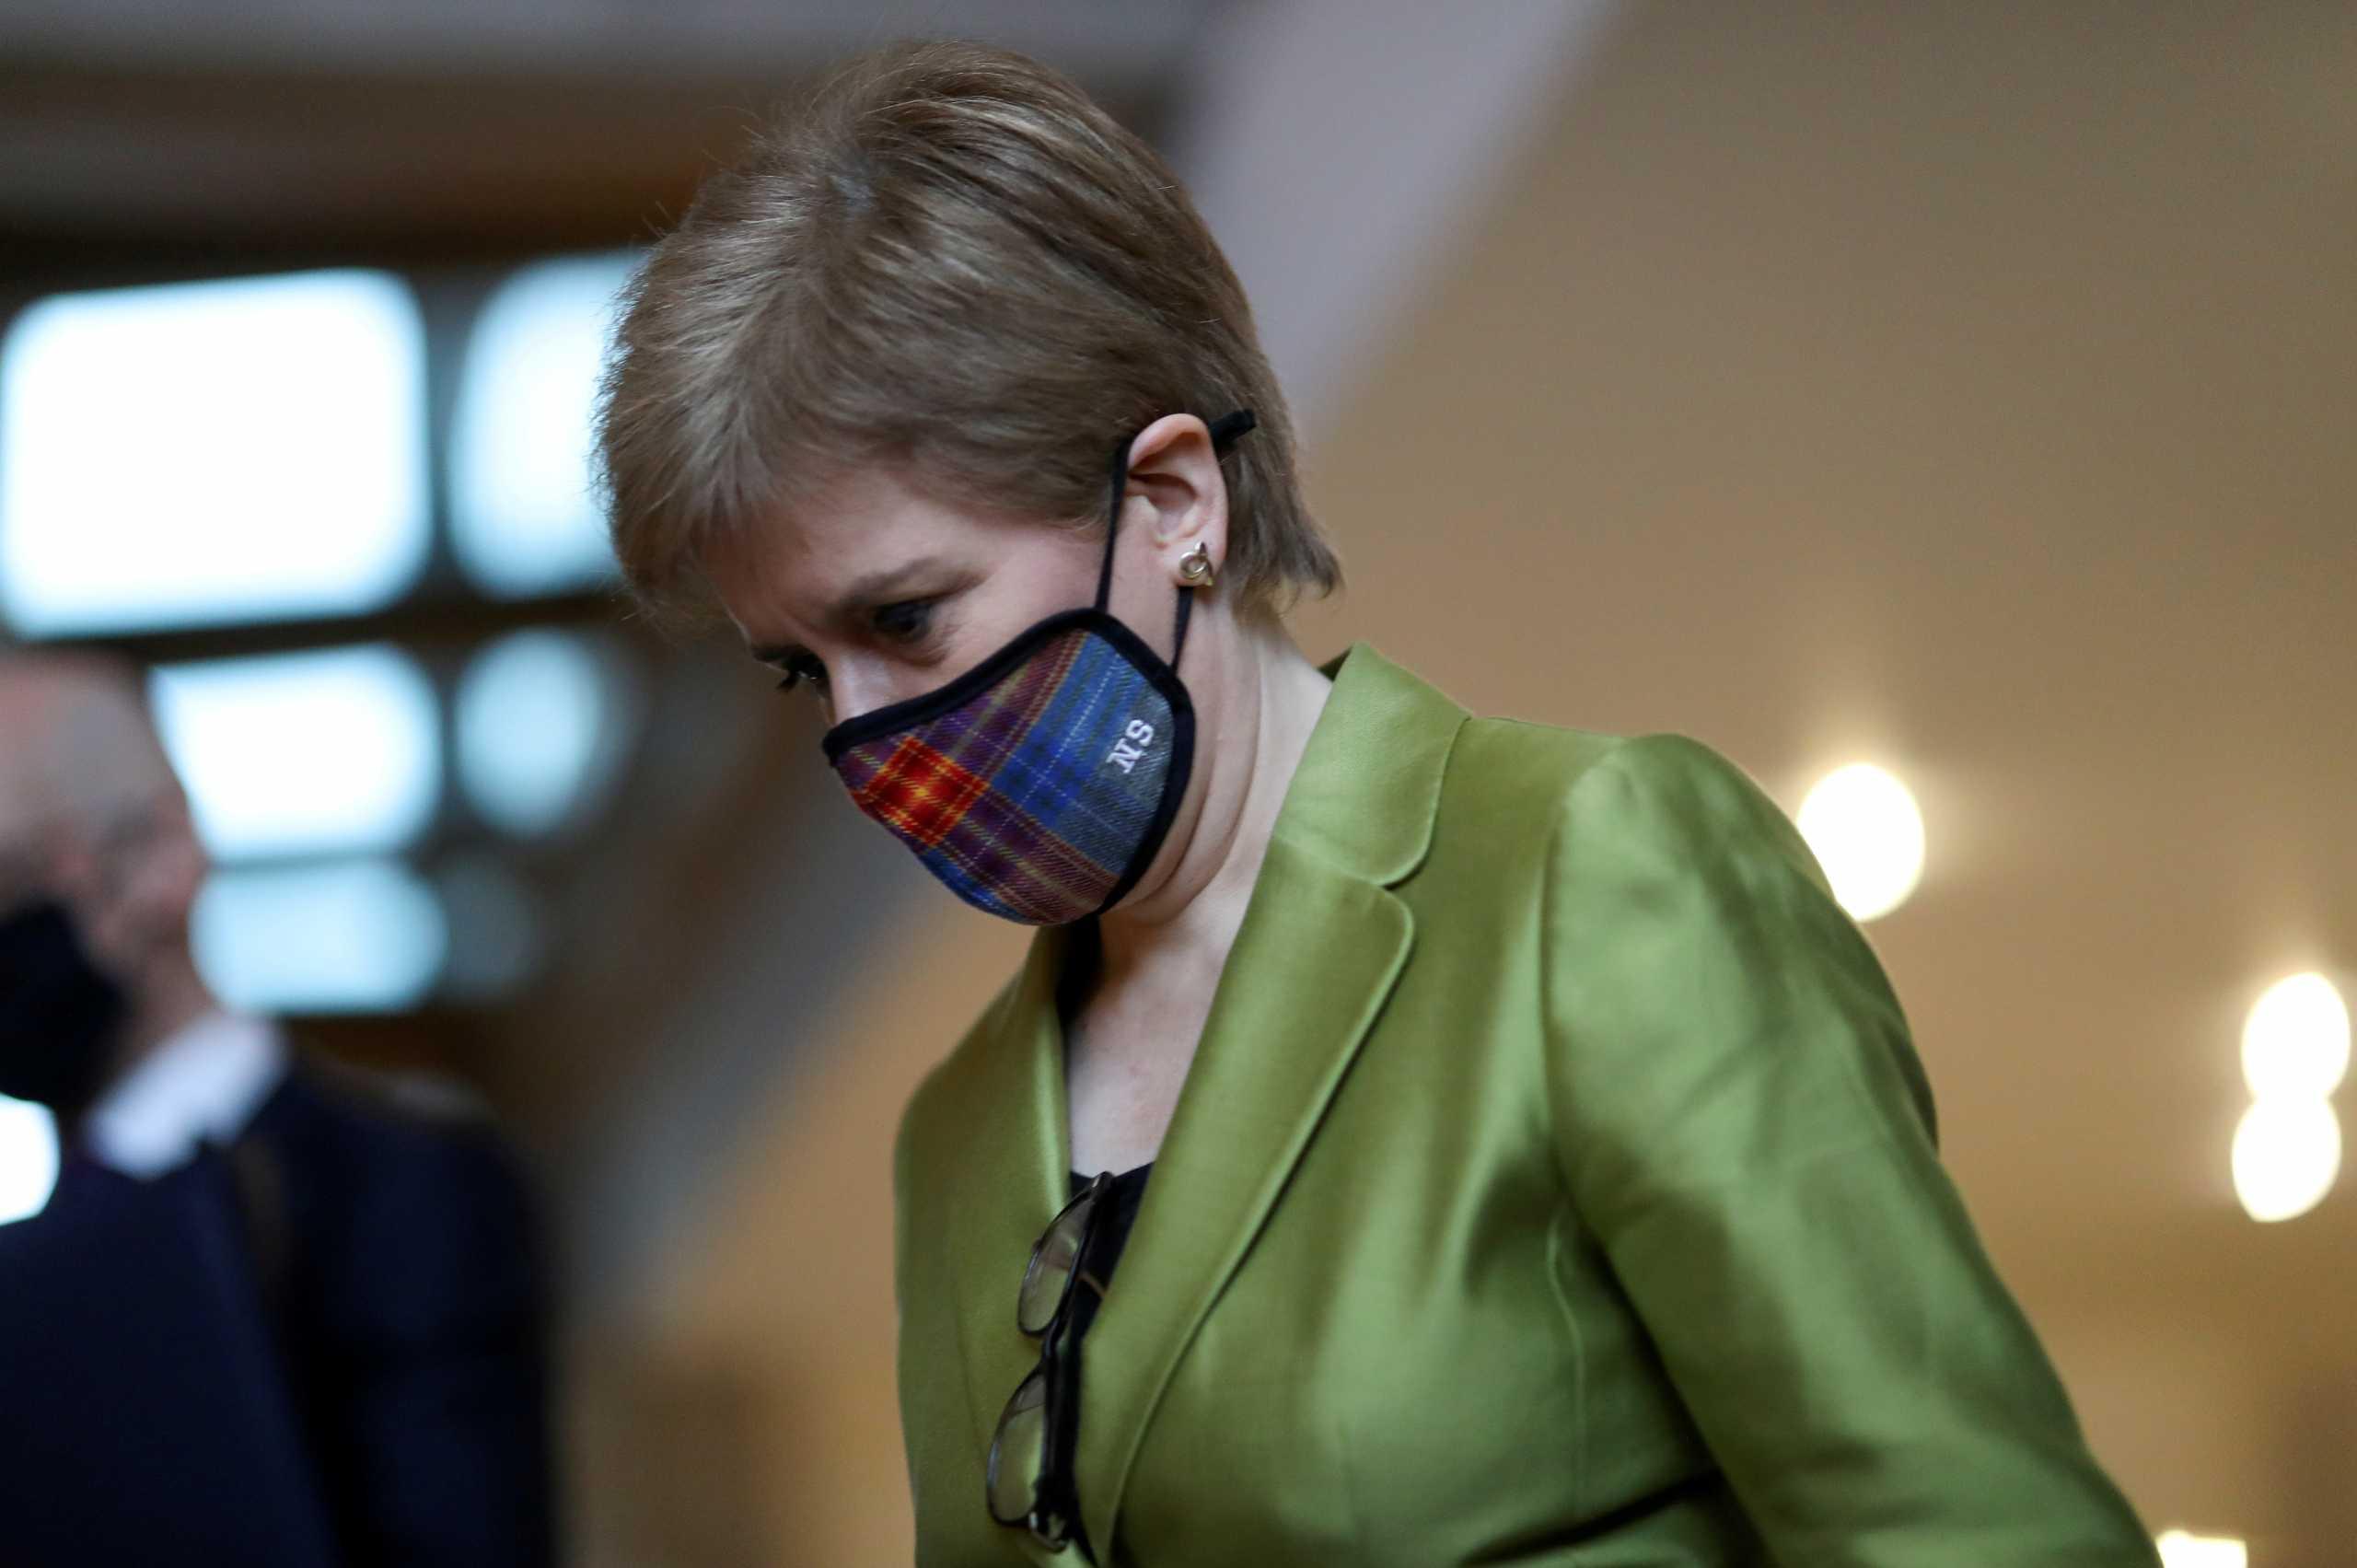 Να ανεξαρτητοποιηθεί και να μπει στην ΕΕ η Σκωτία λέει η πρωθυπουργός της